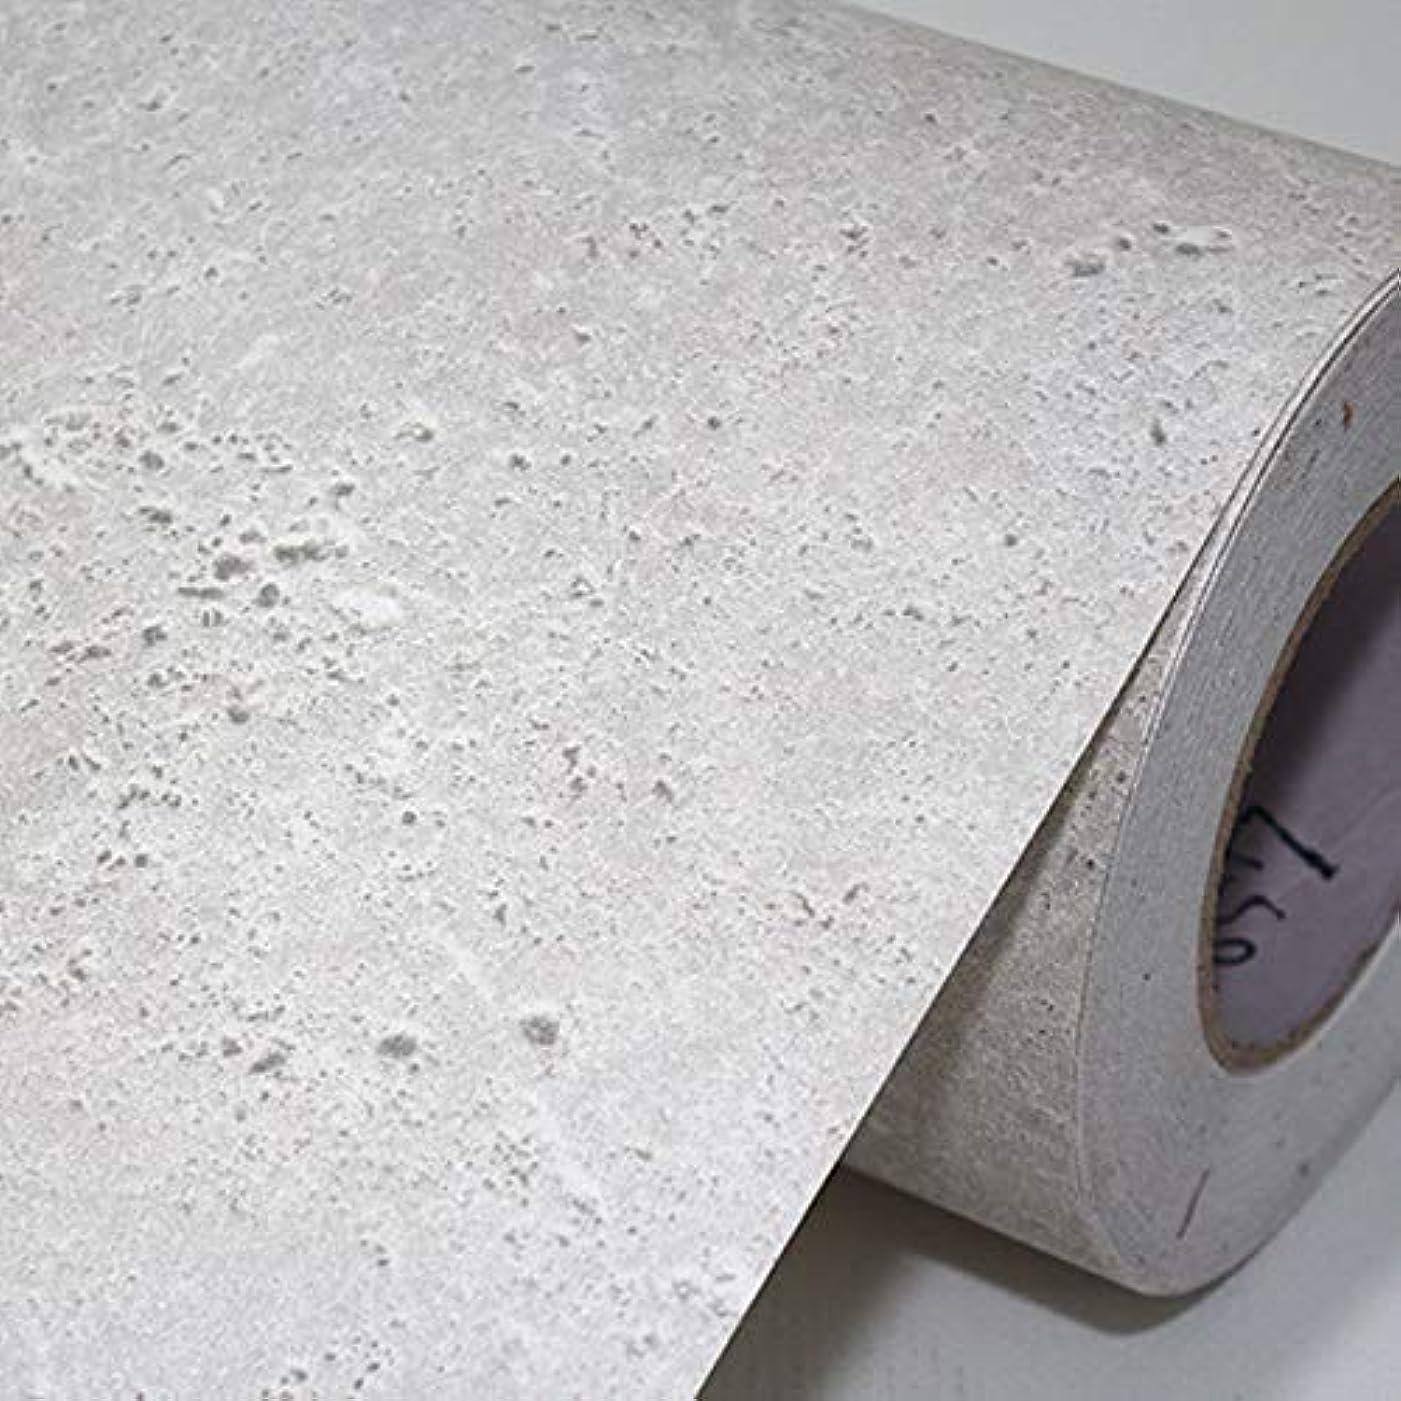 グラス罹患率マイクロ壁紙シール 幅50センチ×長さ1m単位 コンクリート模様 ライトグレー